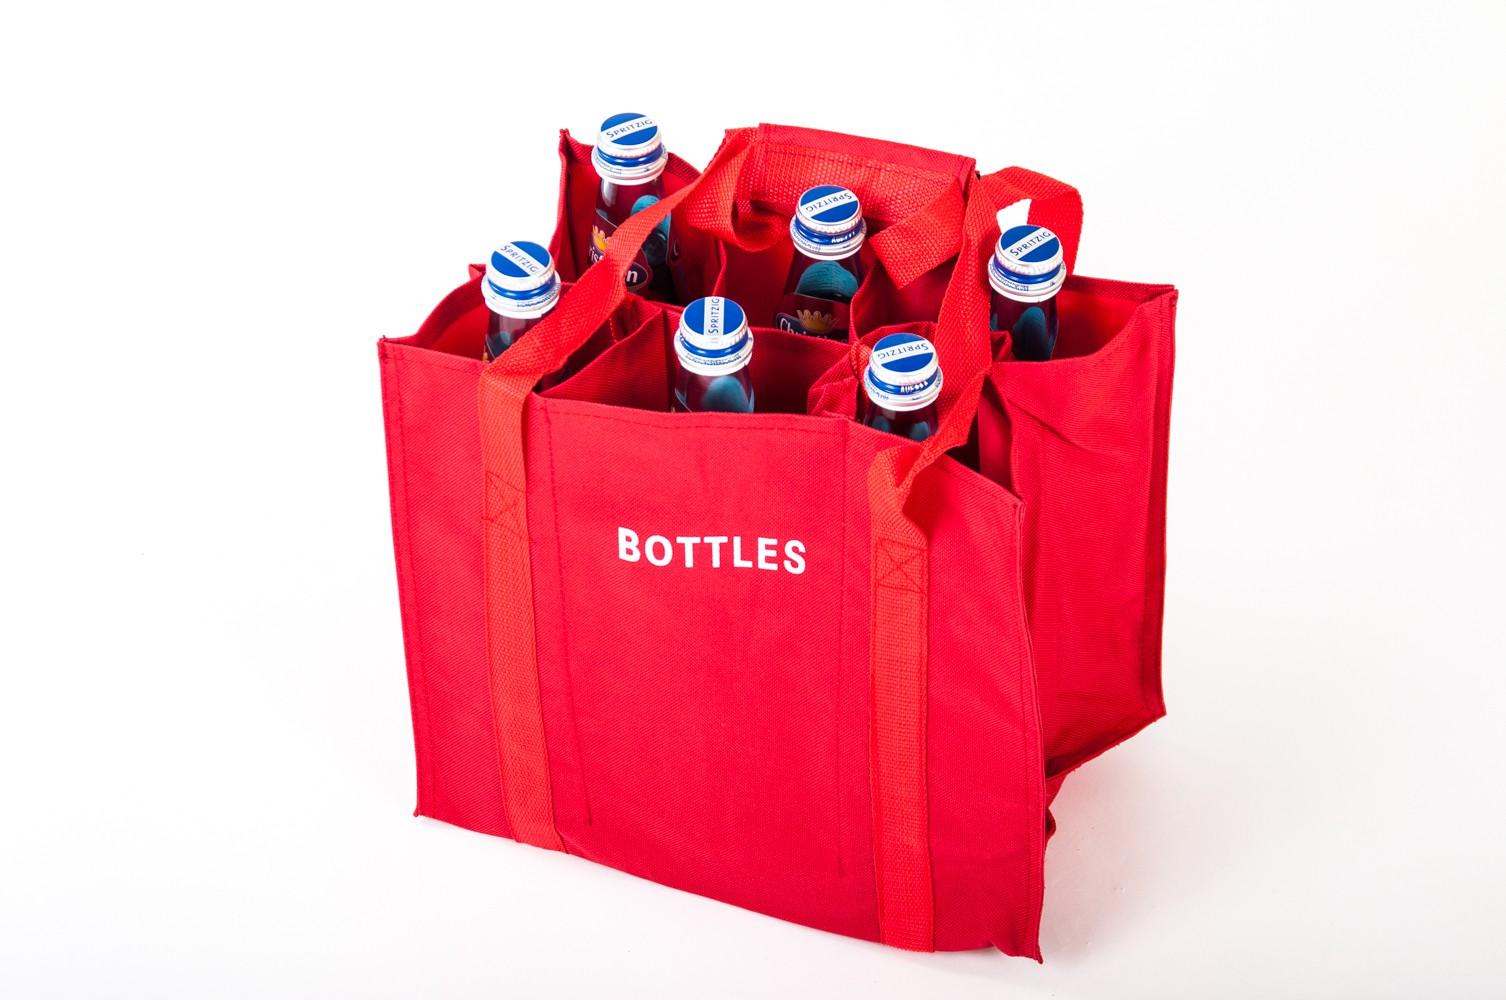 joy flaschentasche aus nylon f r 6 flaschen flaschenkorb einkaufstasche beutel ebay. Black Bedroom Furniture Sets. Home Design Ideas